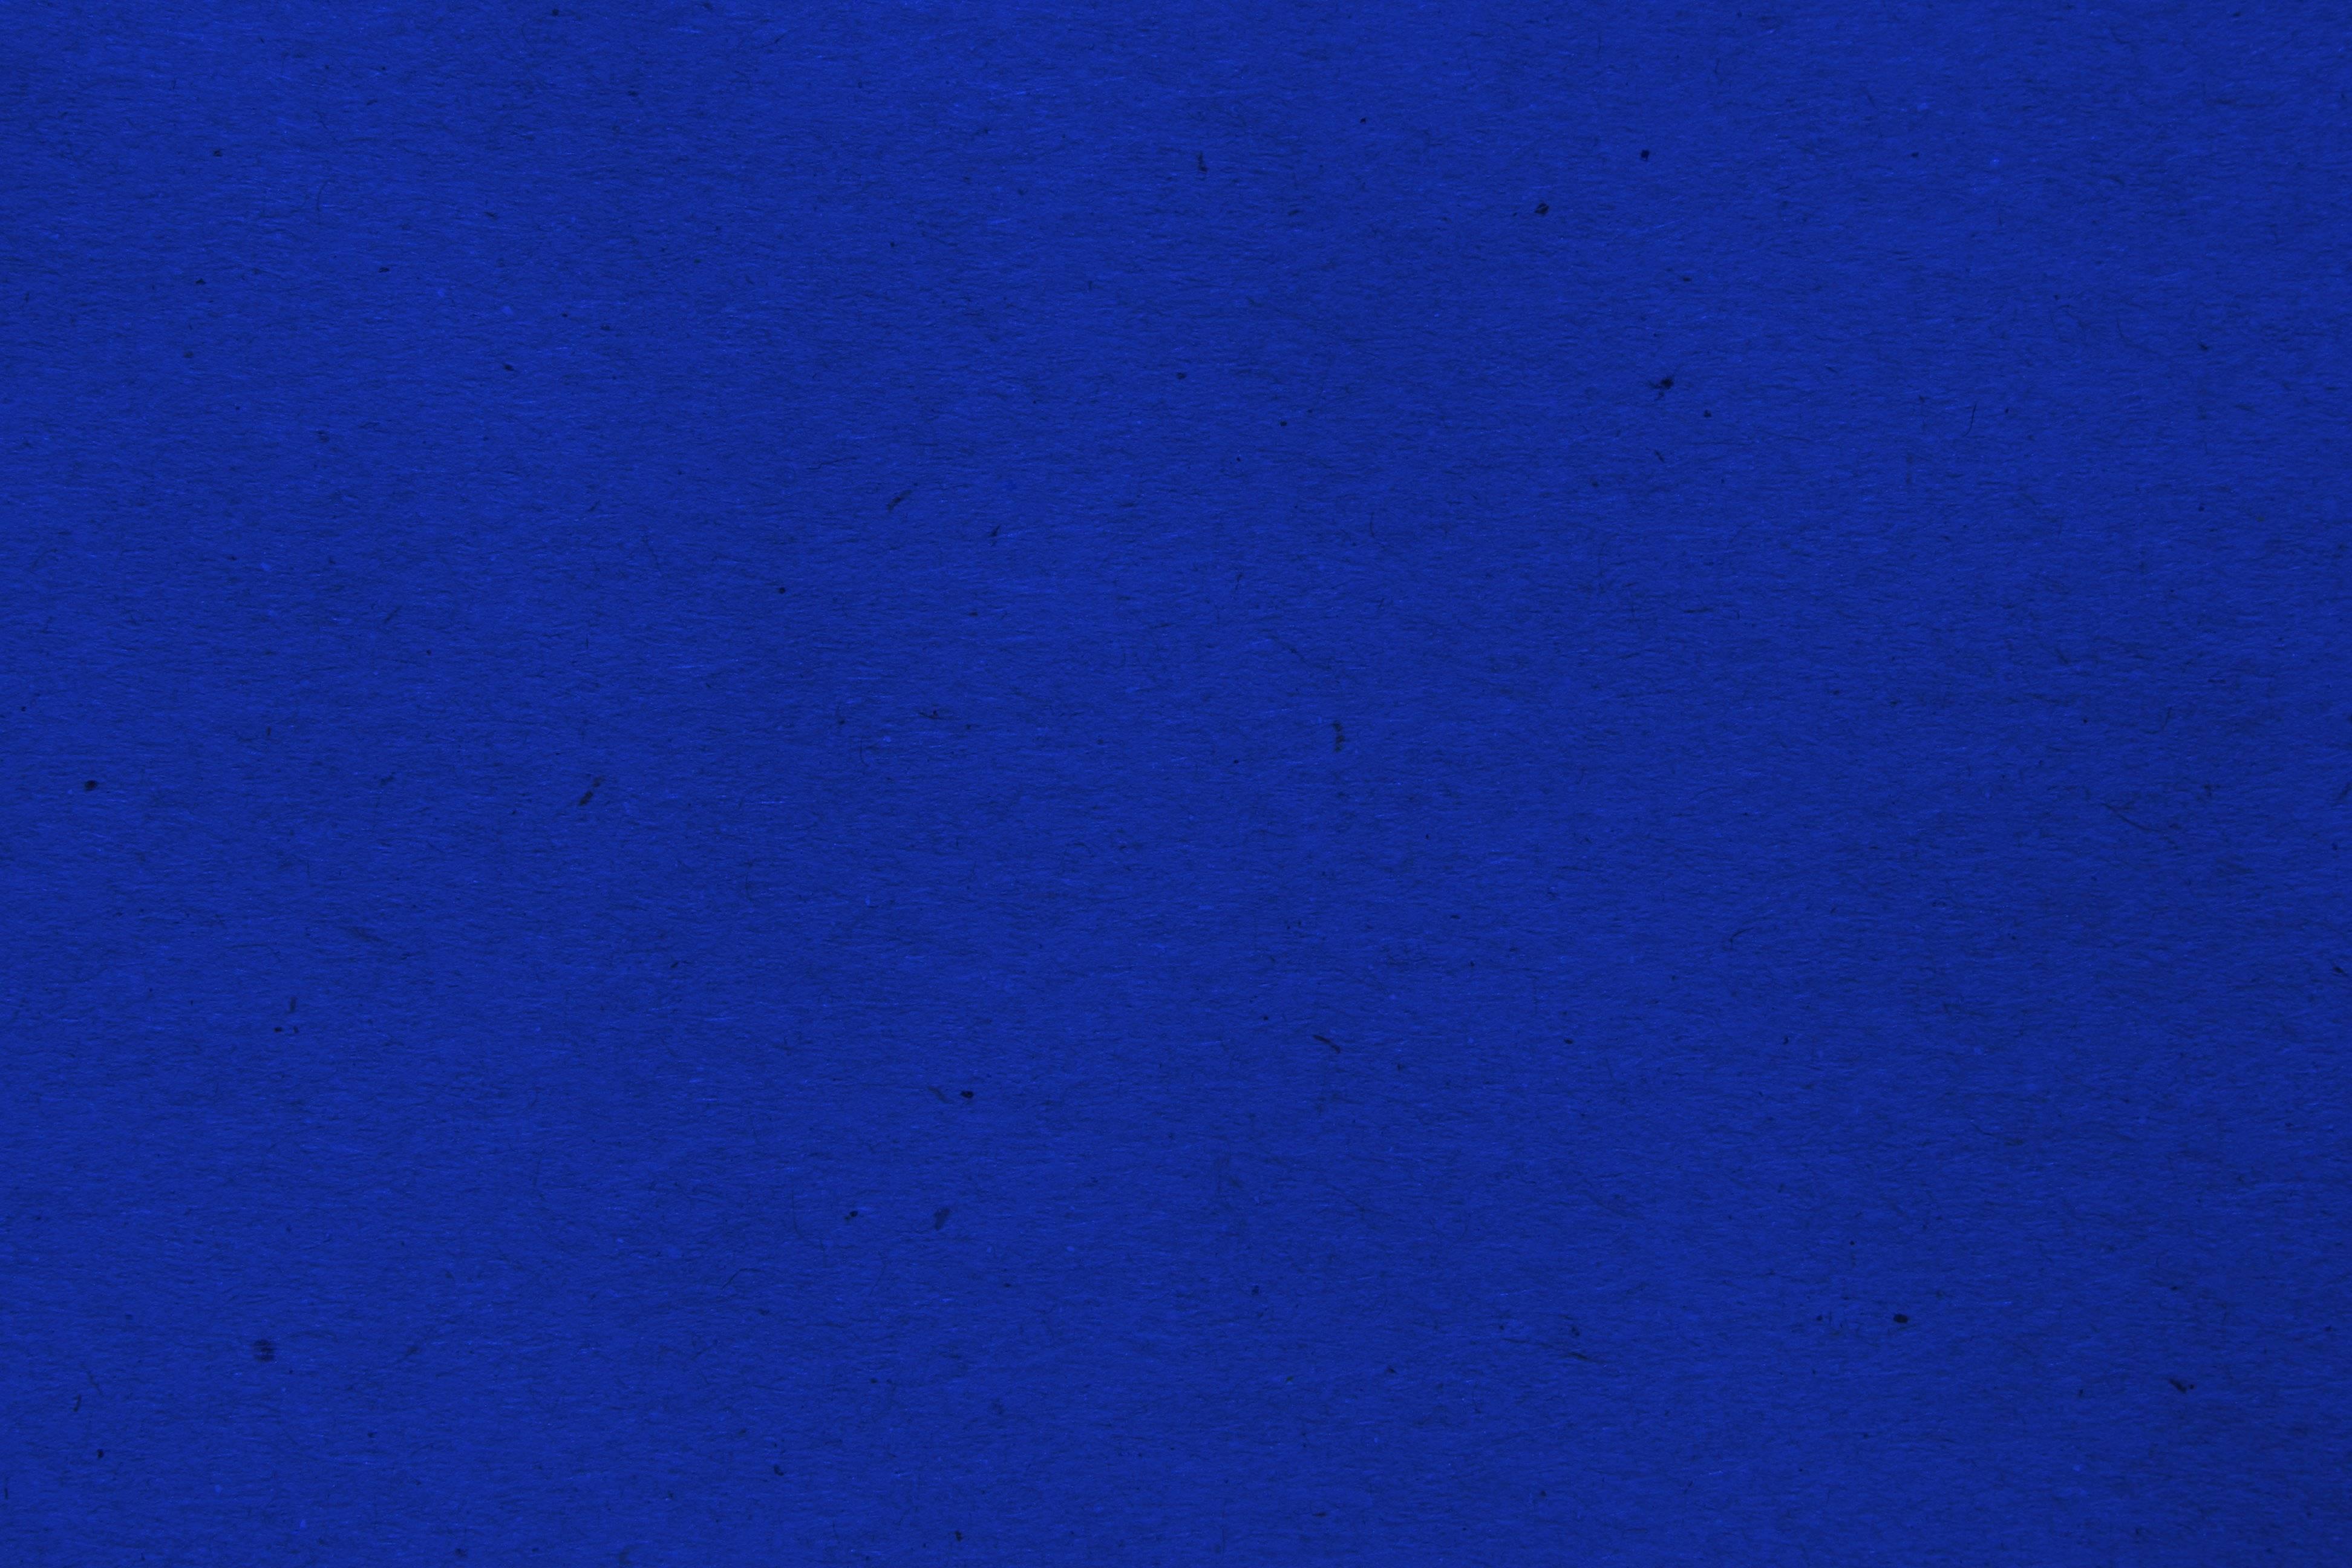 Deep Blue Backgrounds